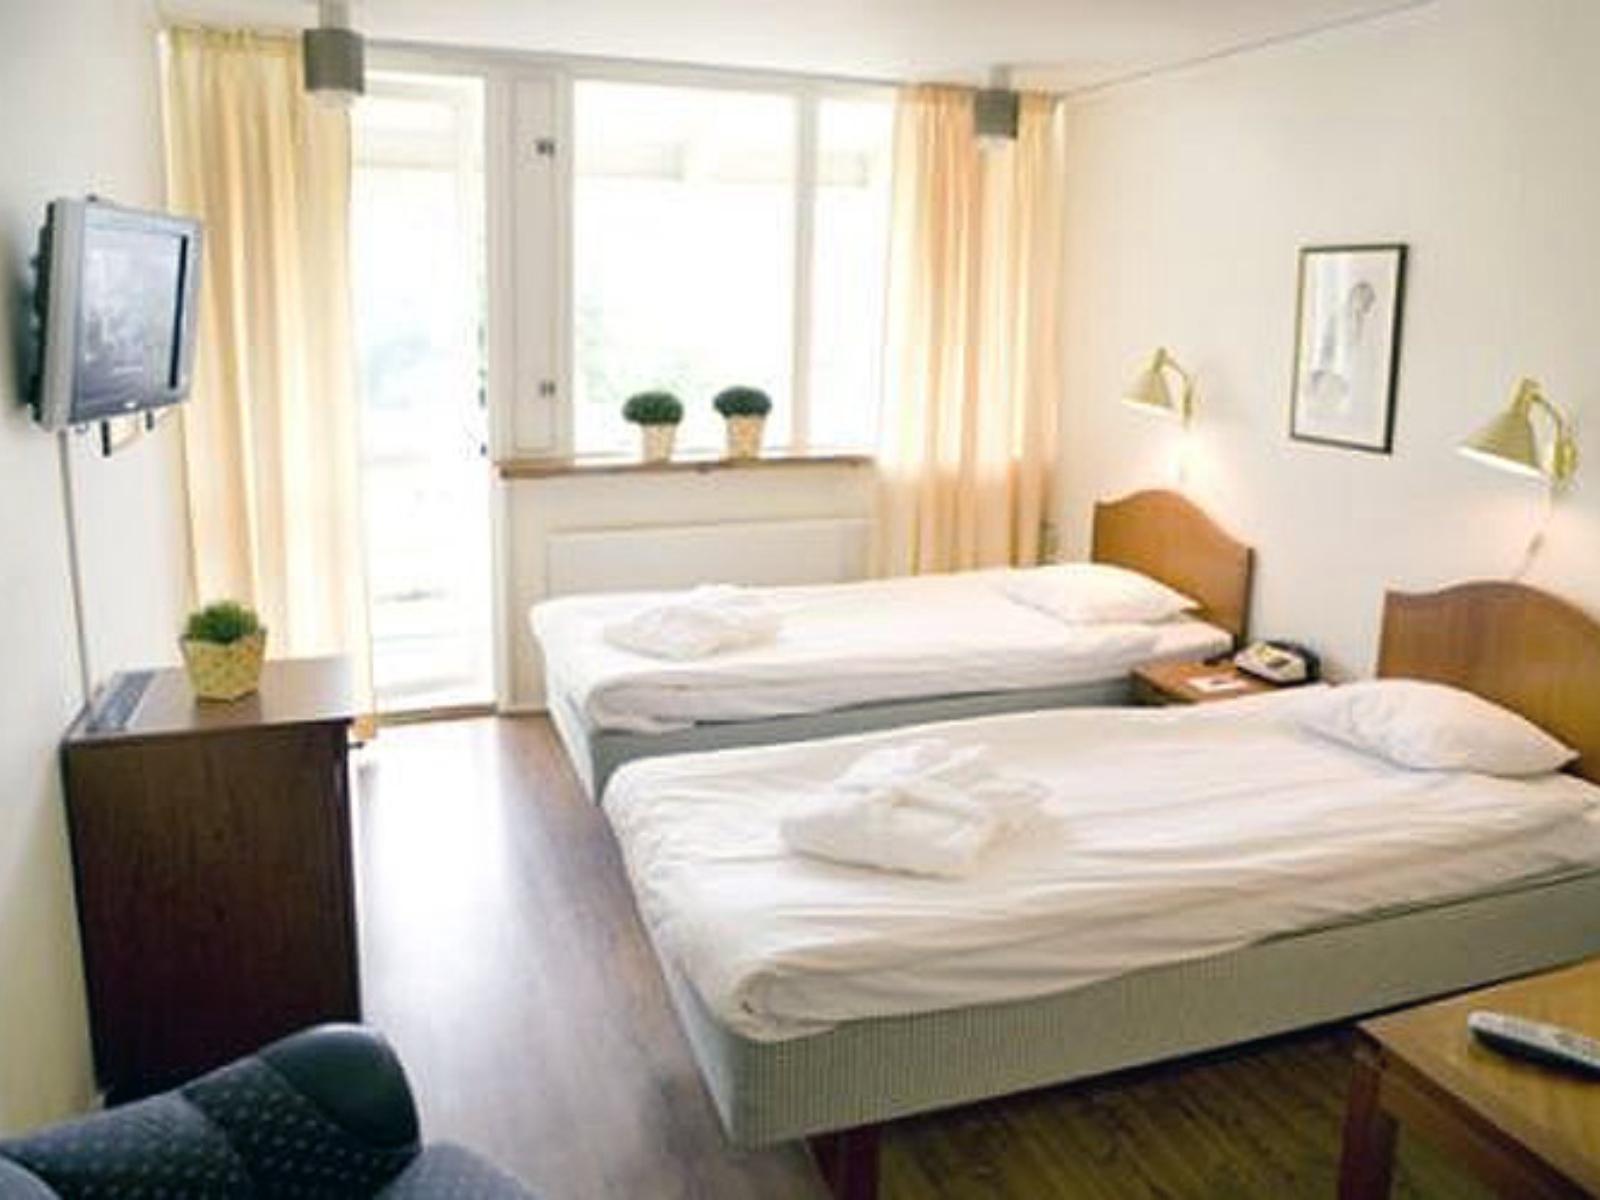 hotell bohuslän erbjudande